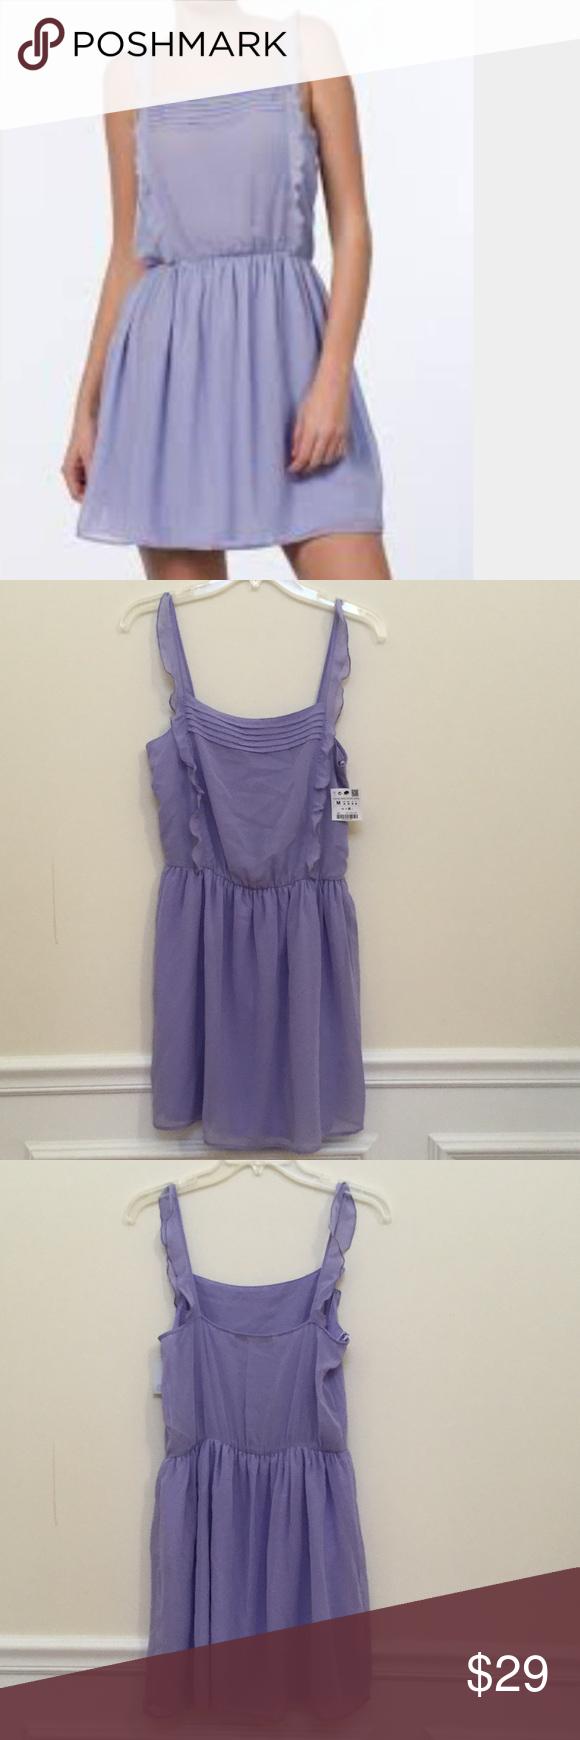 NWT ZARA LIGHT PURPLE CHIFFON DRESS SIZE M Beautiful light purple ...